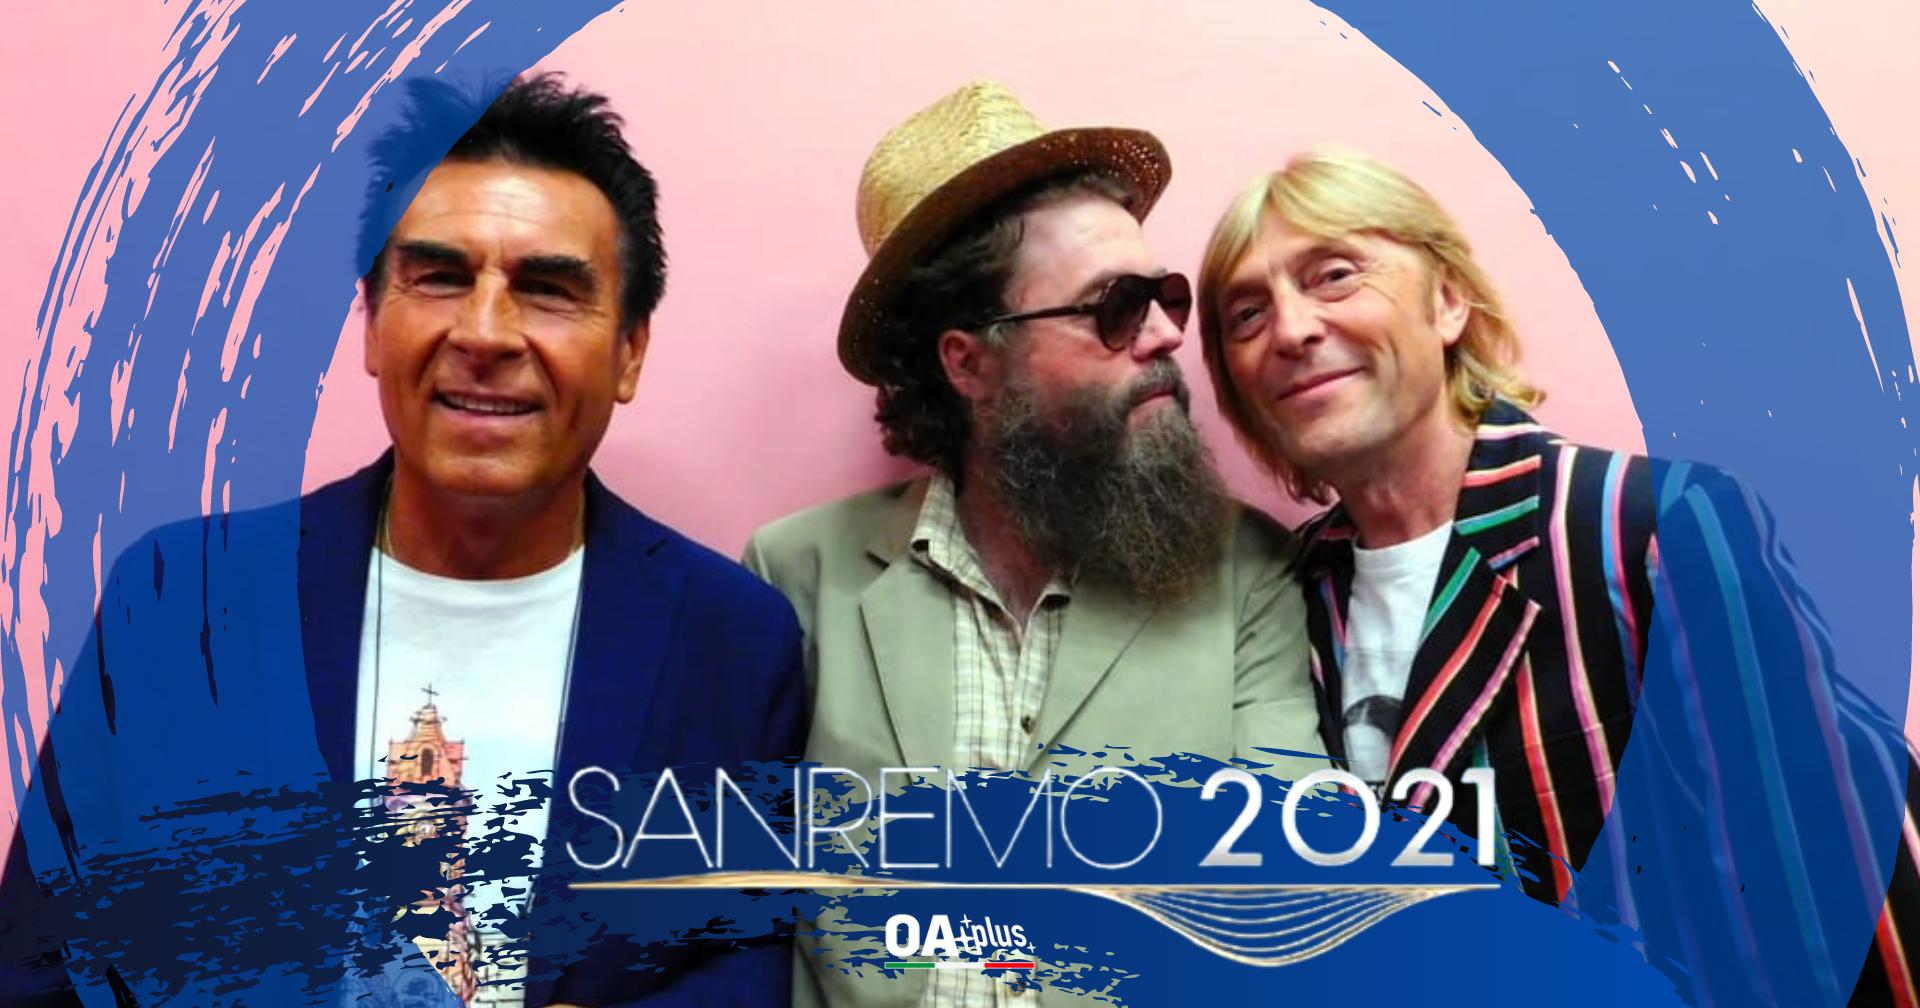 Sanremo 2021: scopriamo gli Extraliscio